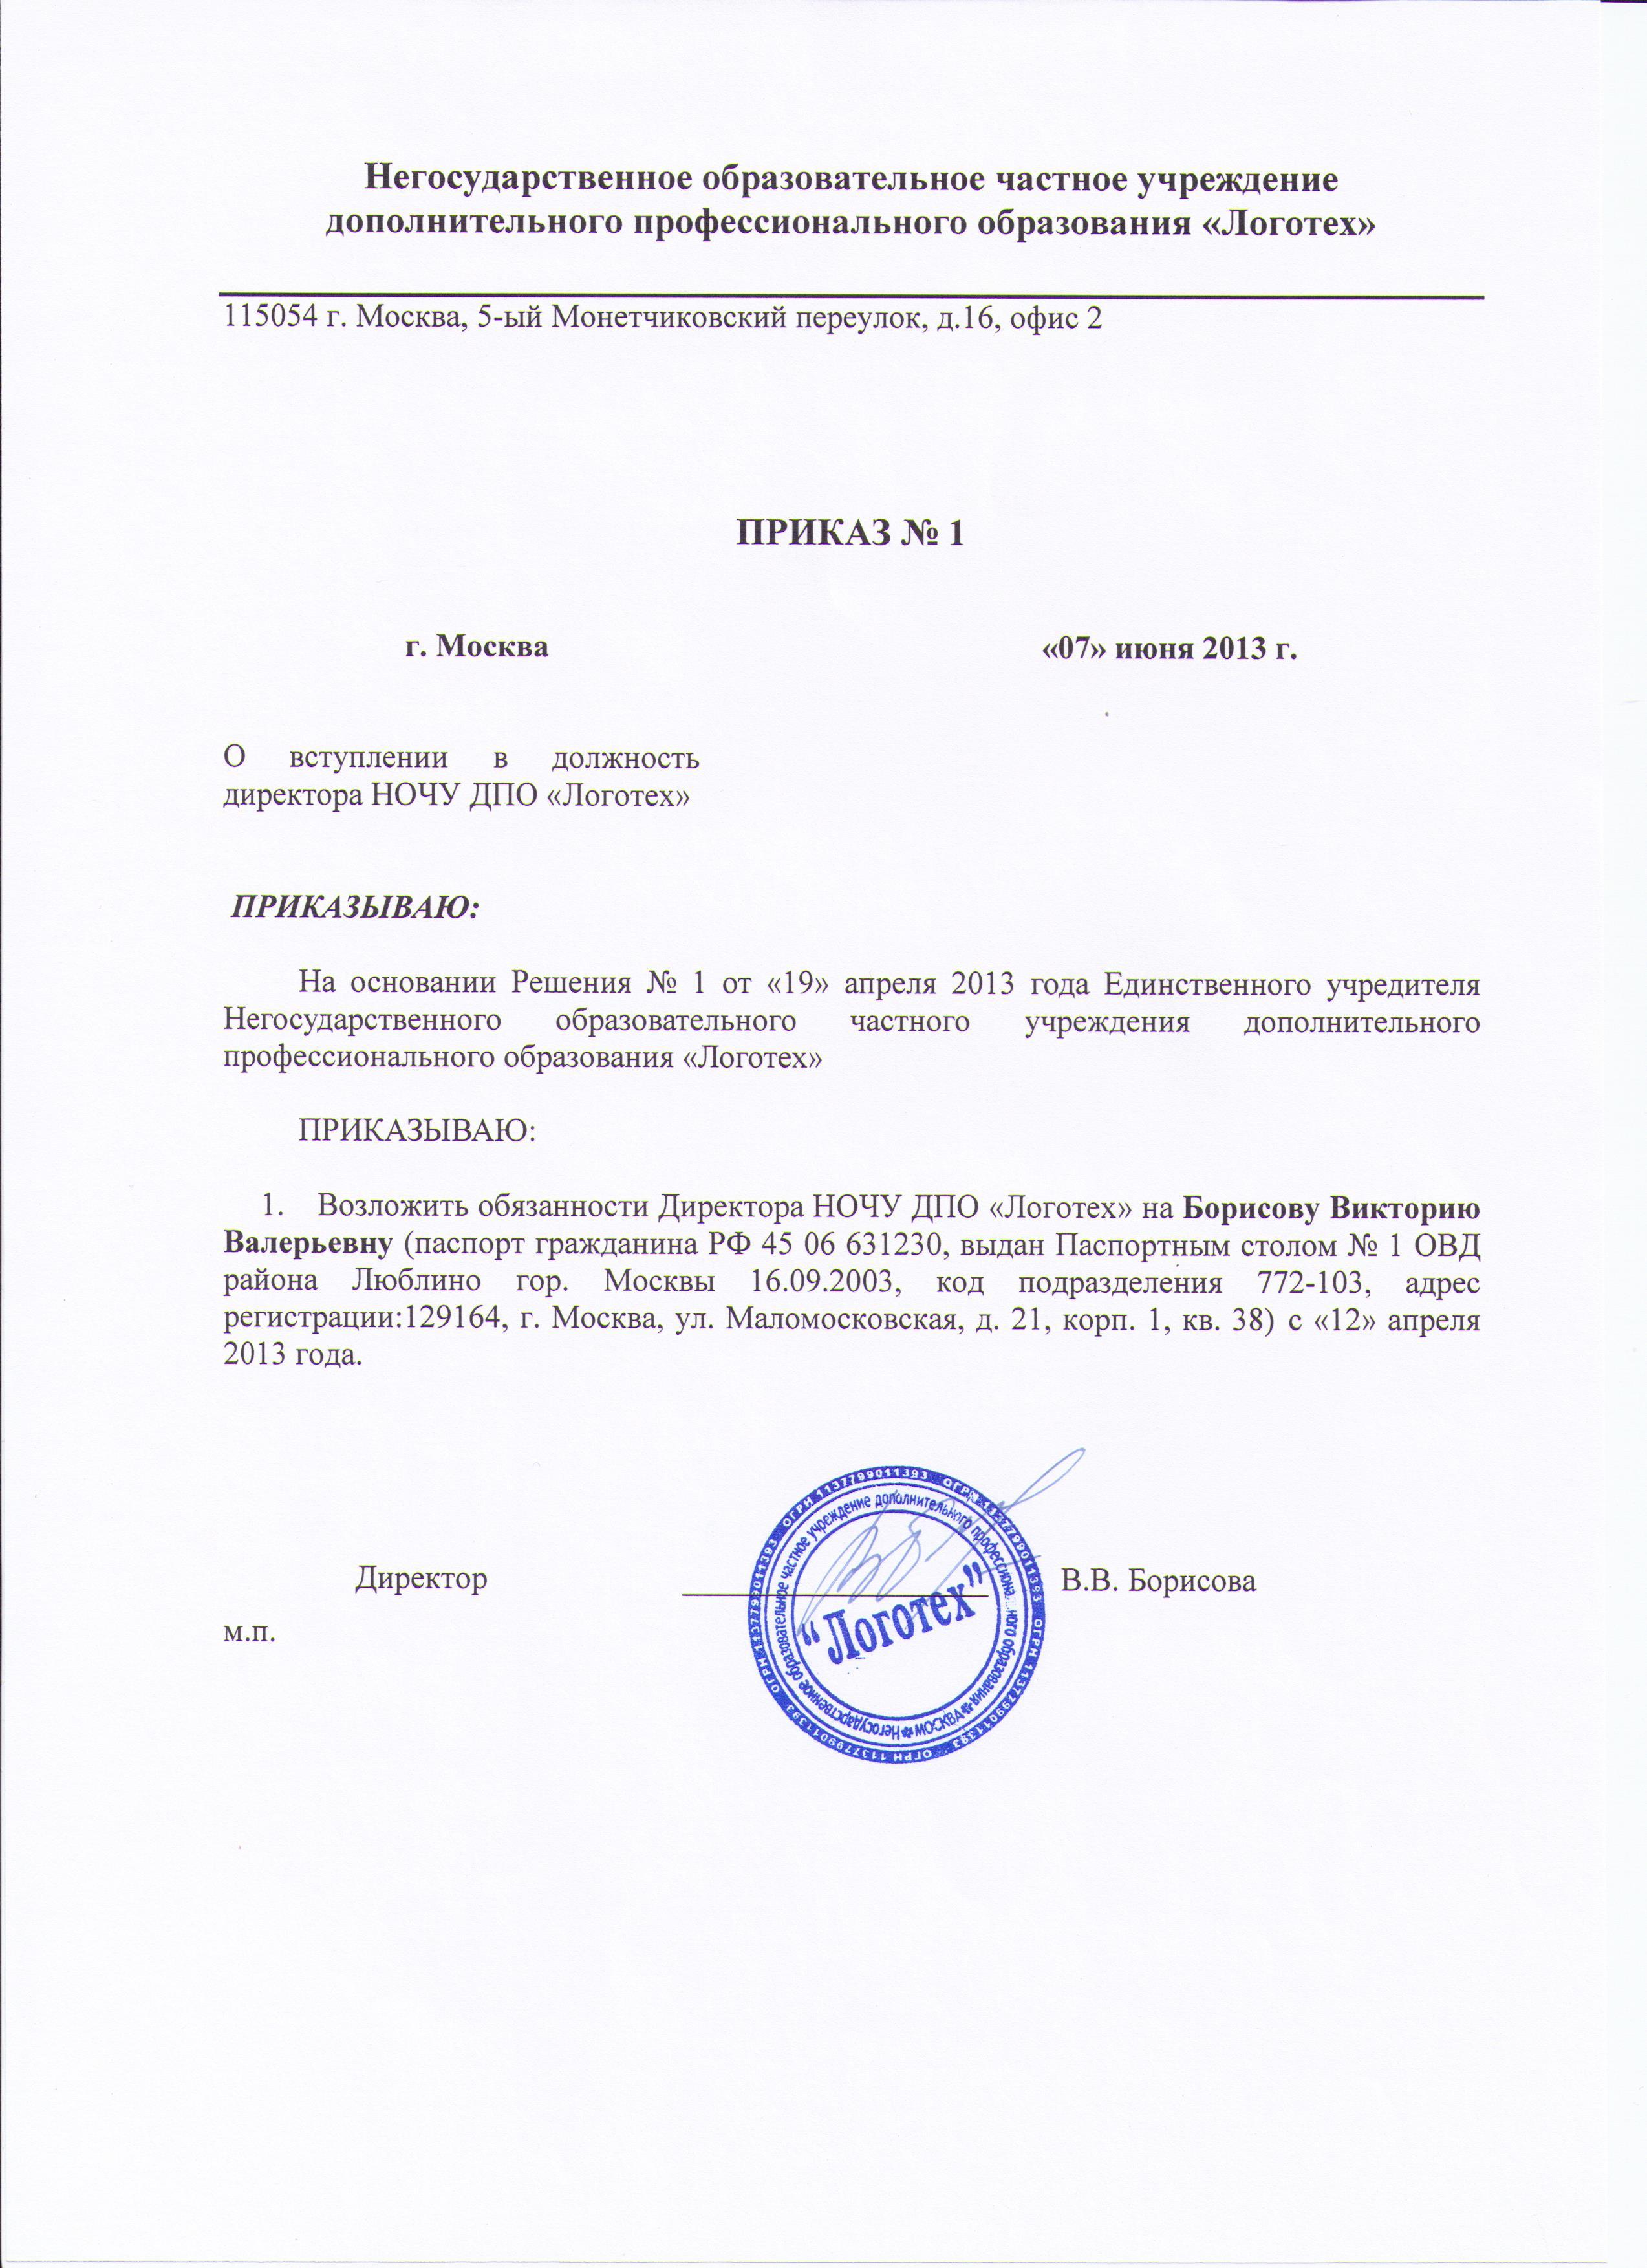 Приказ о вступлении в должность генерального директора ооо.